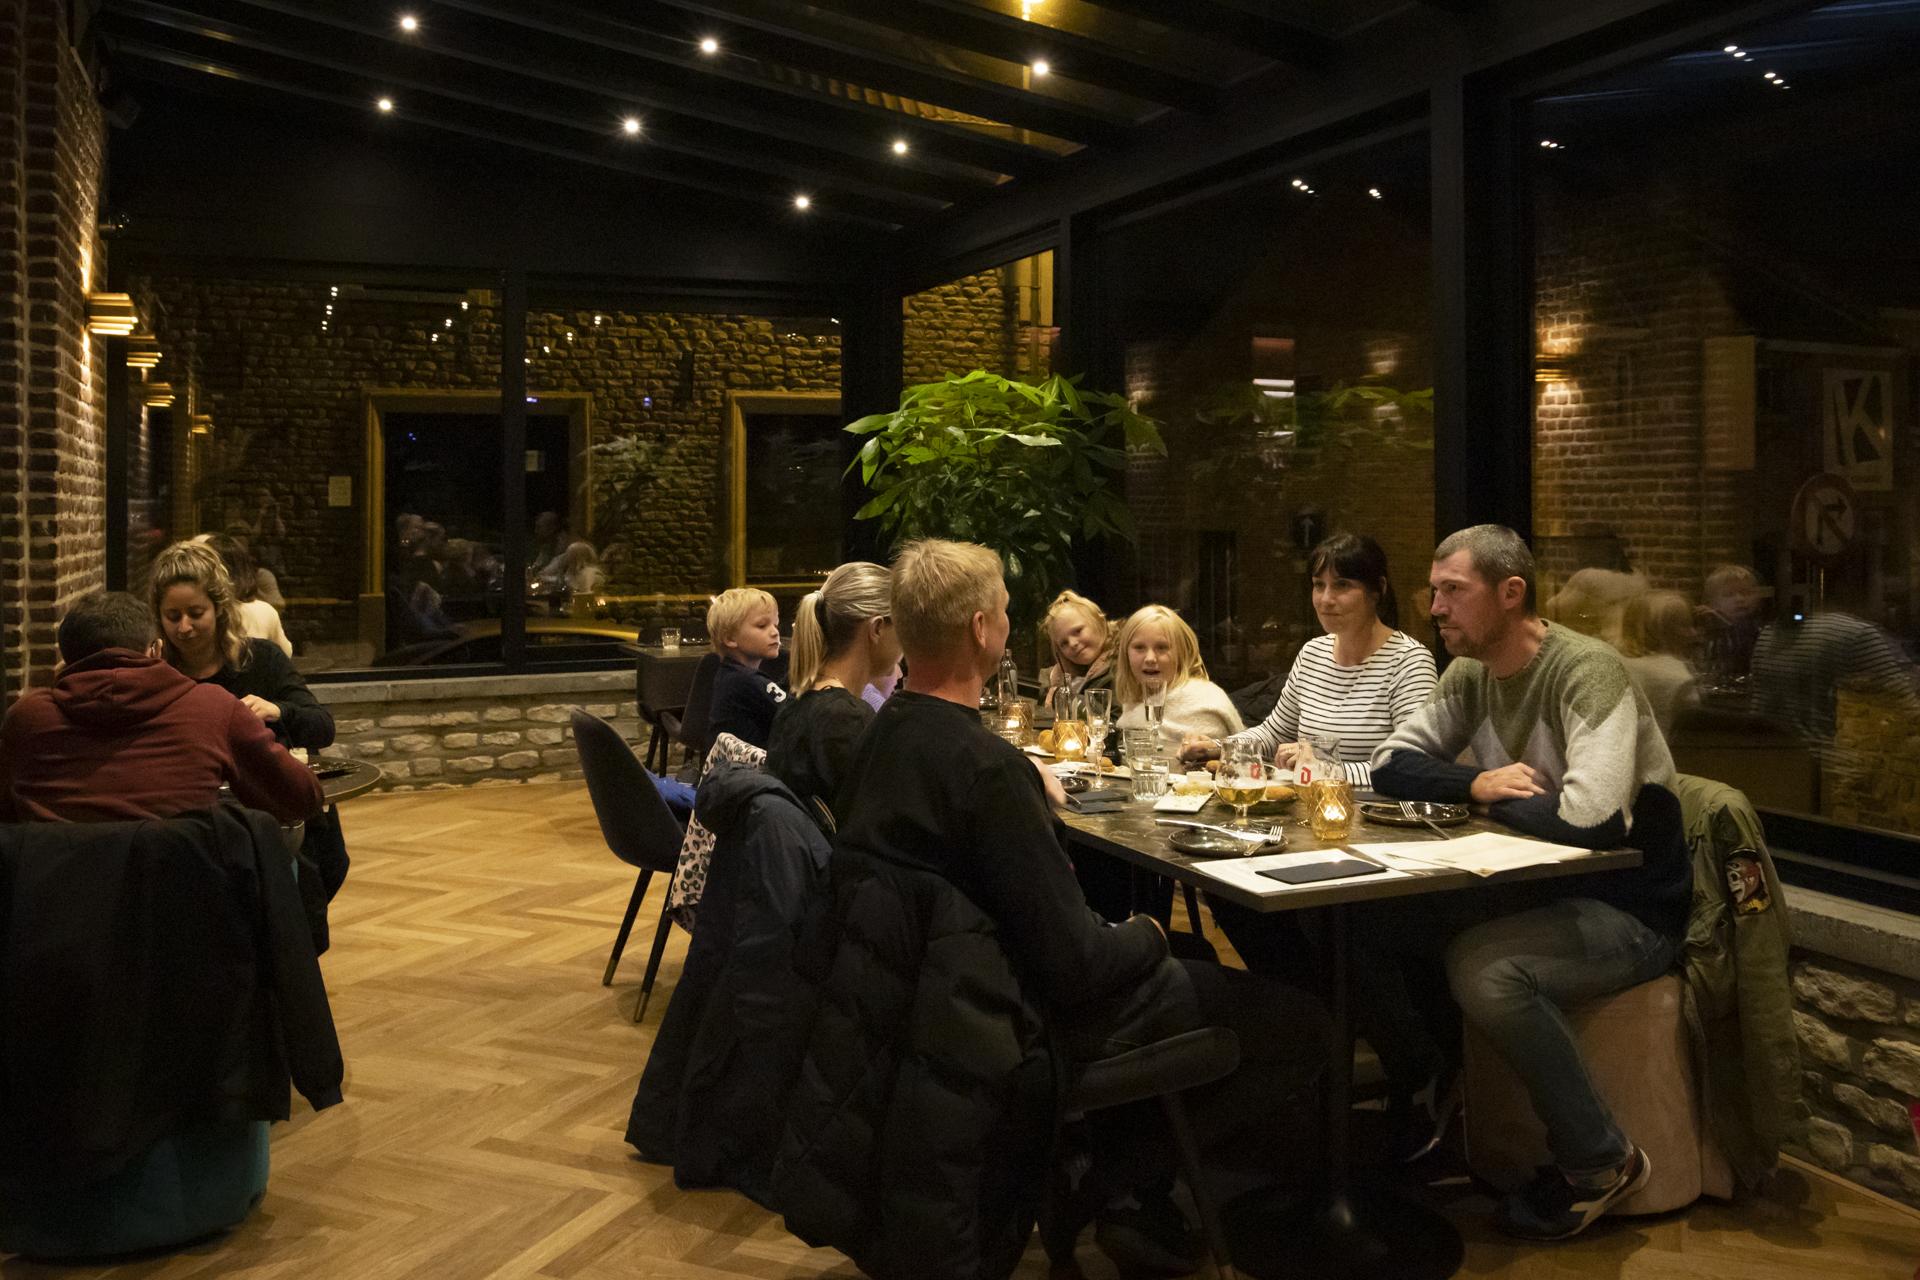 Mismo restaurant